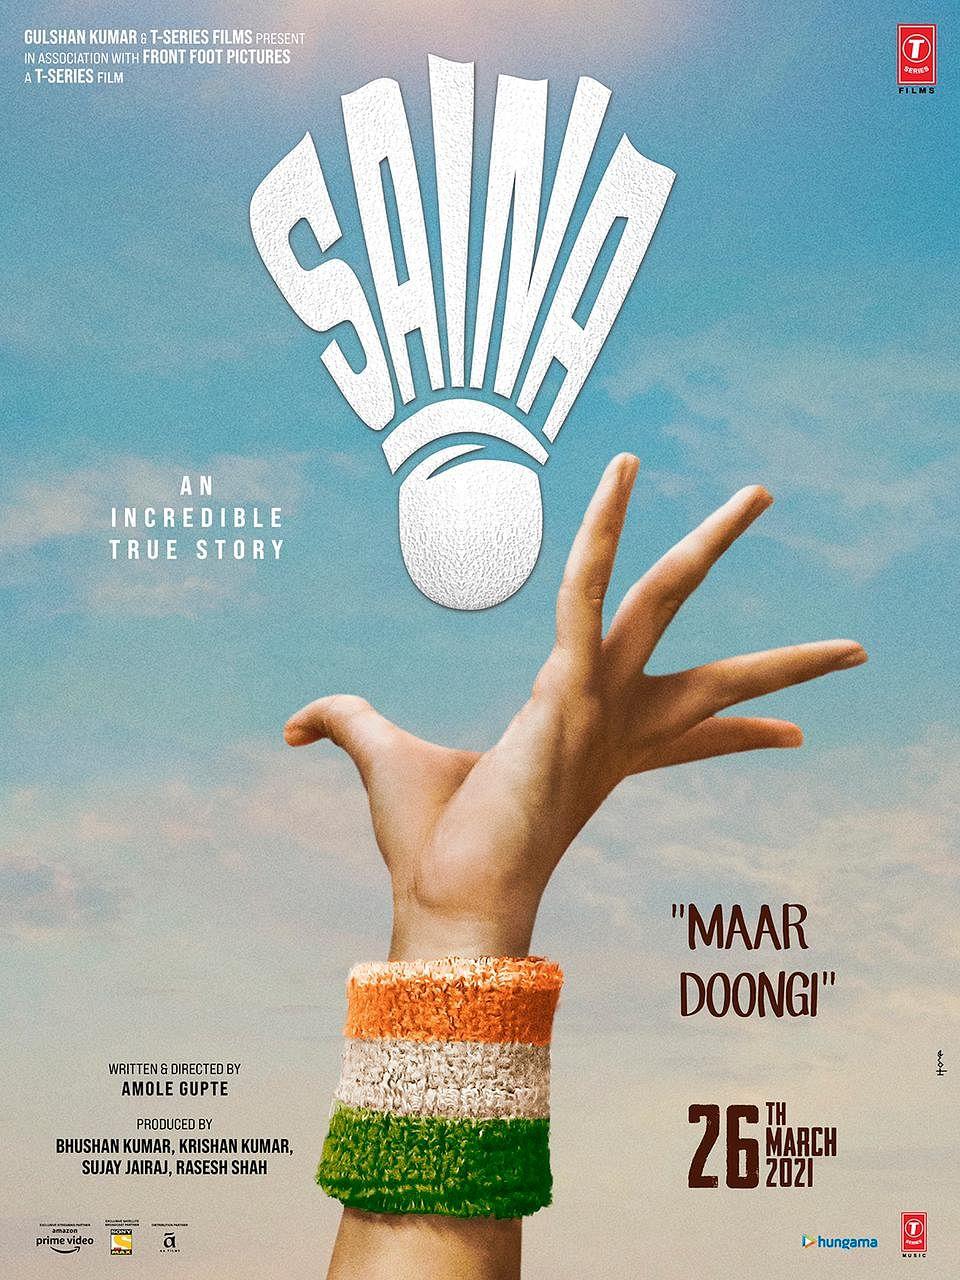 फिल्म साइना 26 मार्च 2021 को सिनेमाघरों में रिलीज होगी